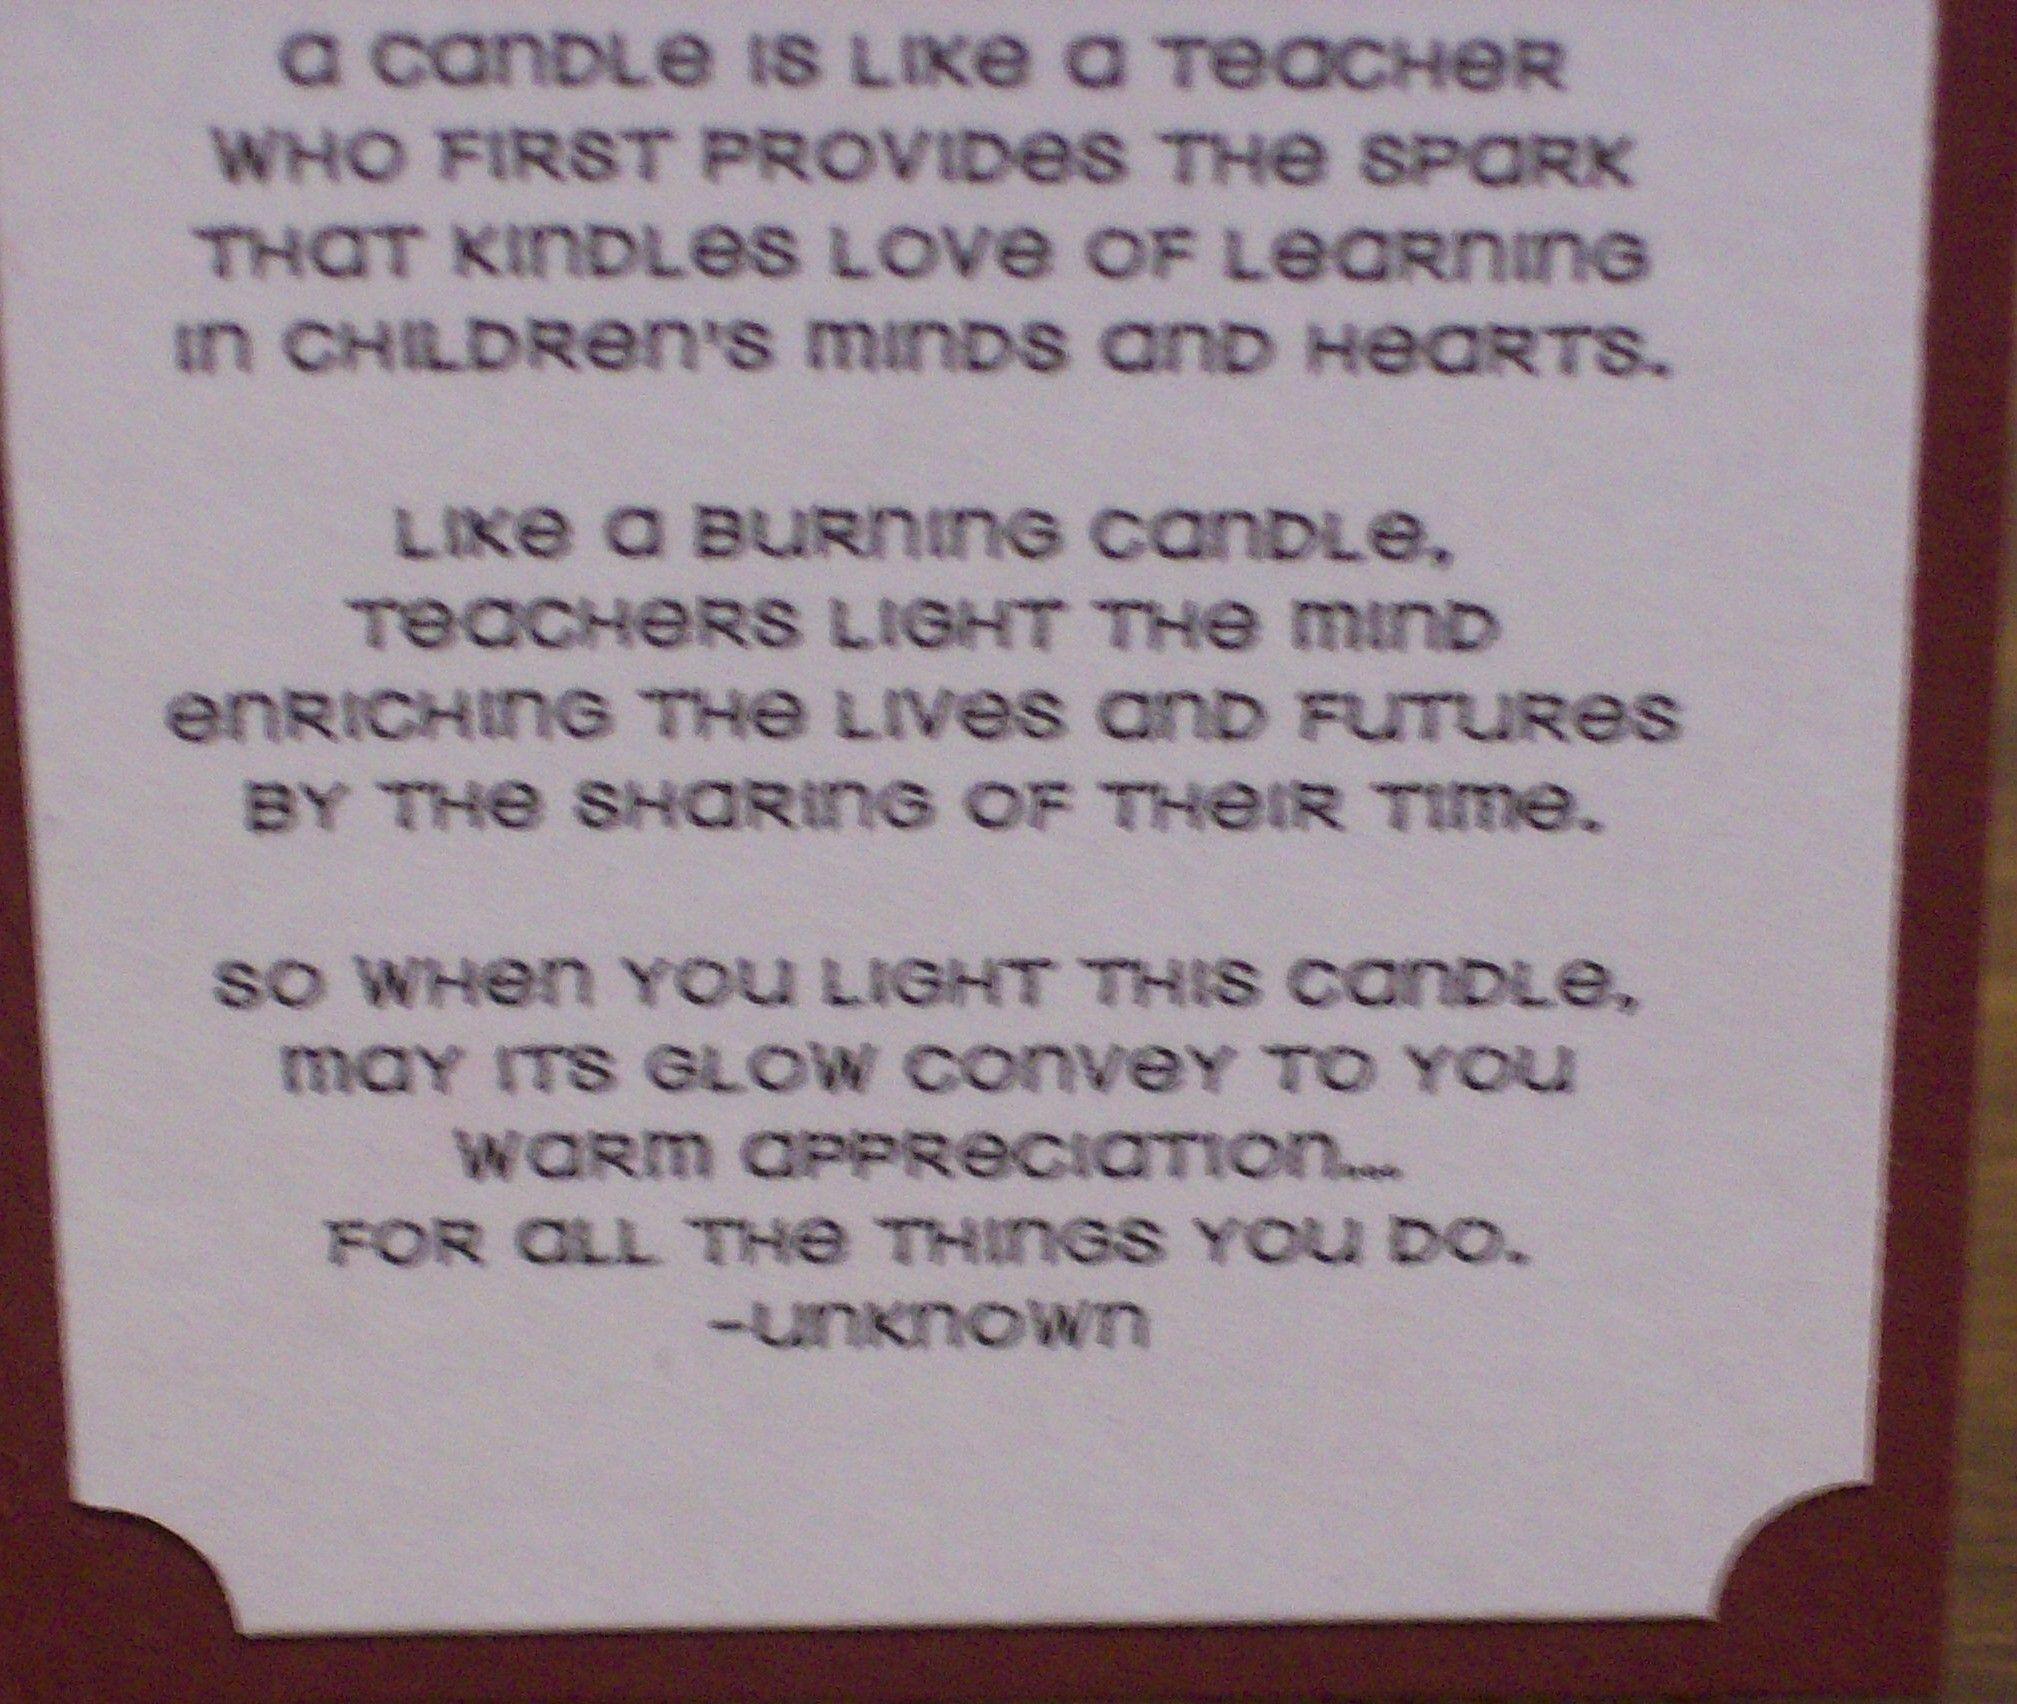 A Candle is Like a Teacher